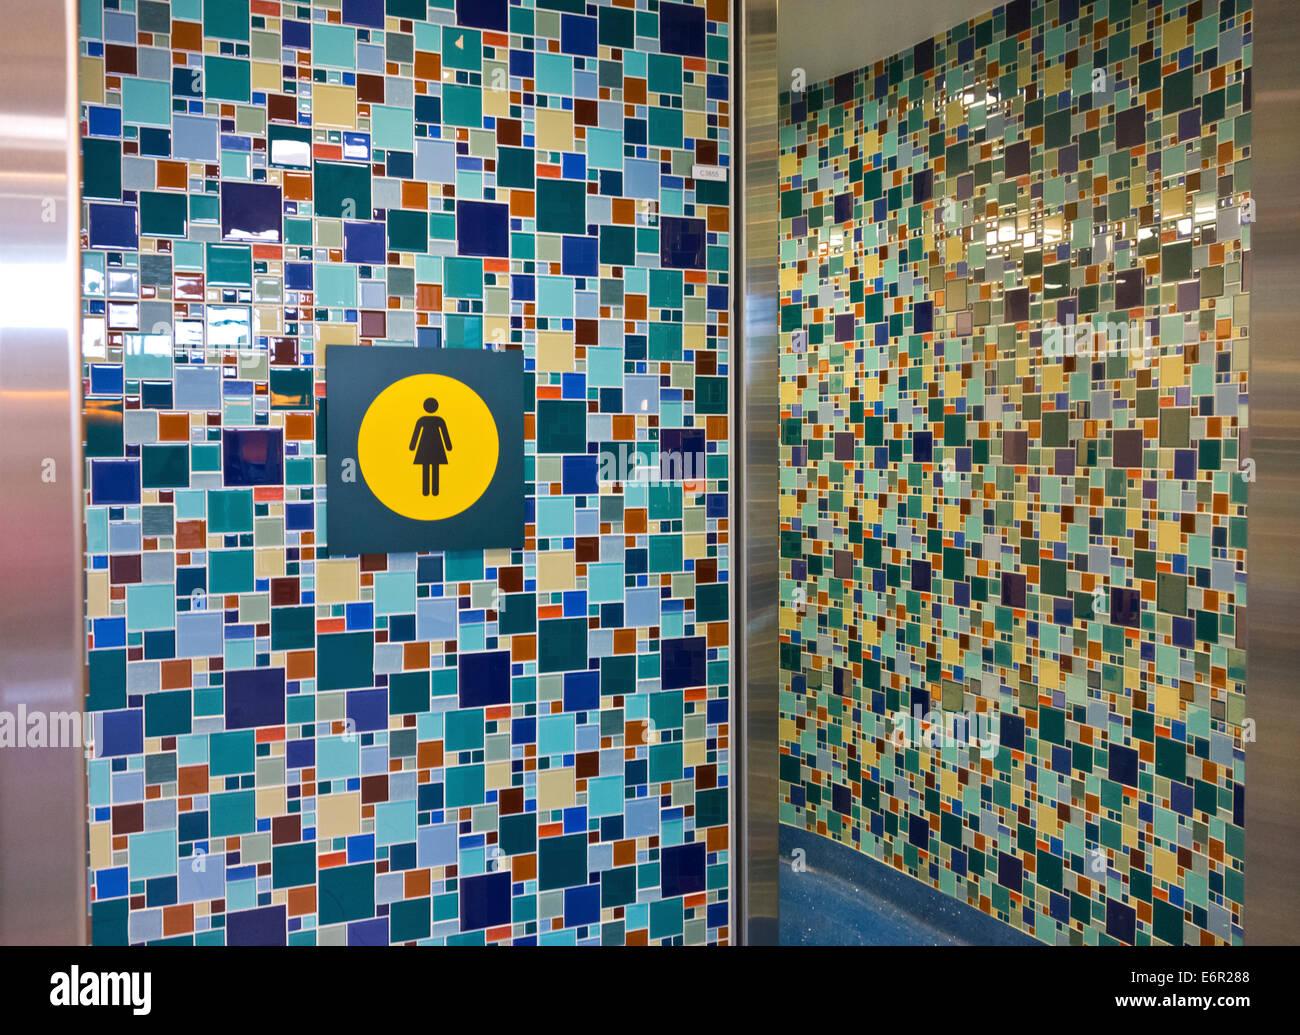 Bunte Fliesen Mosaik Muster An Wanden Der Eingang Zur Damentoilette